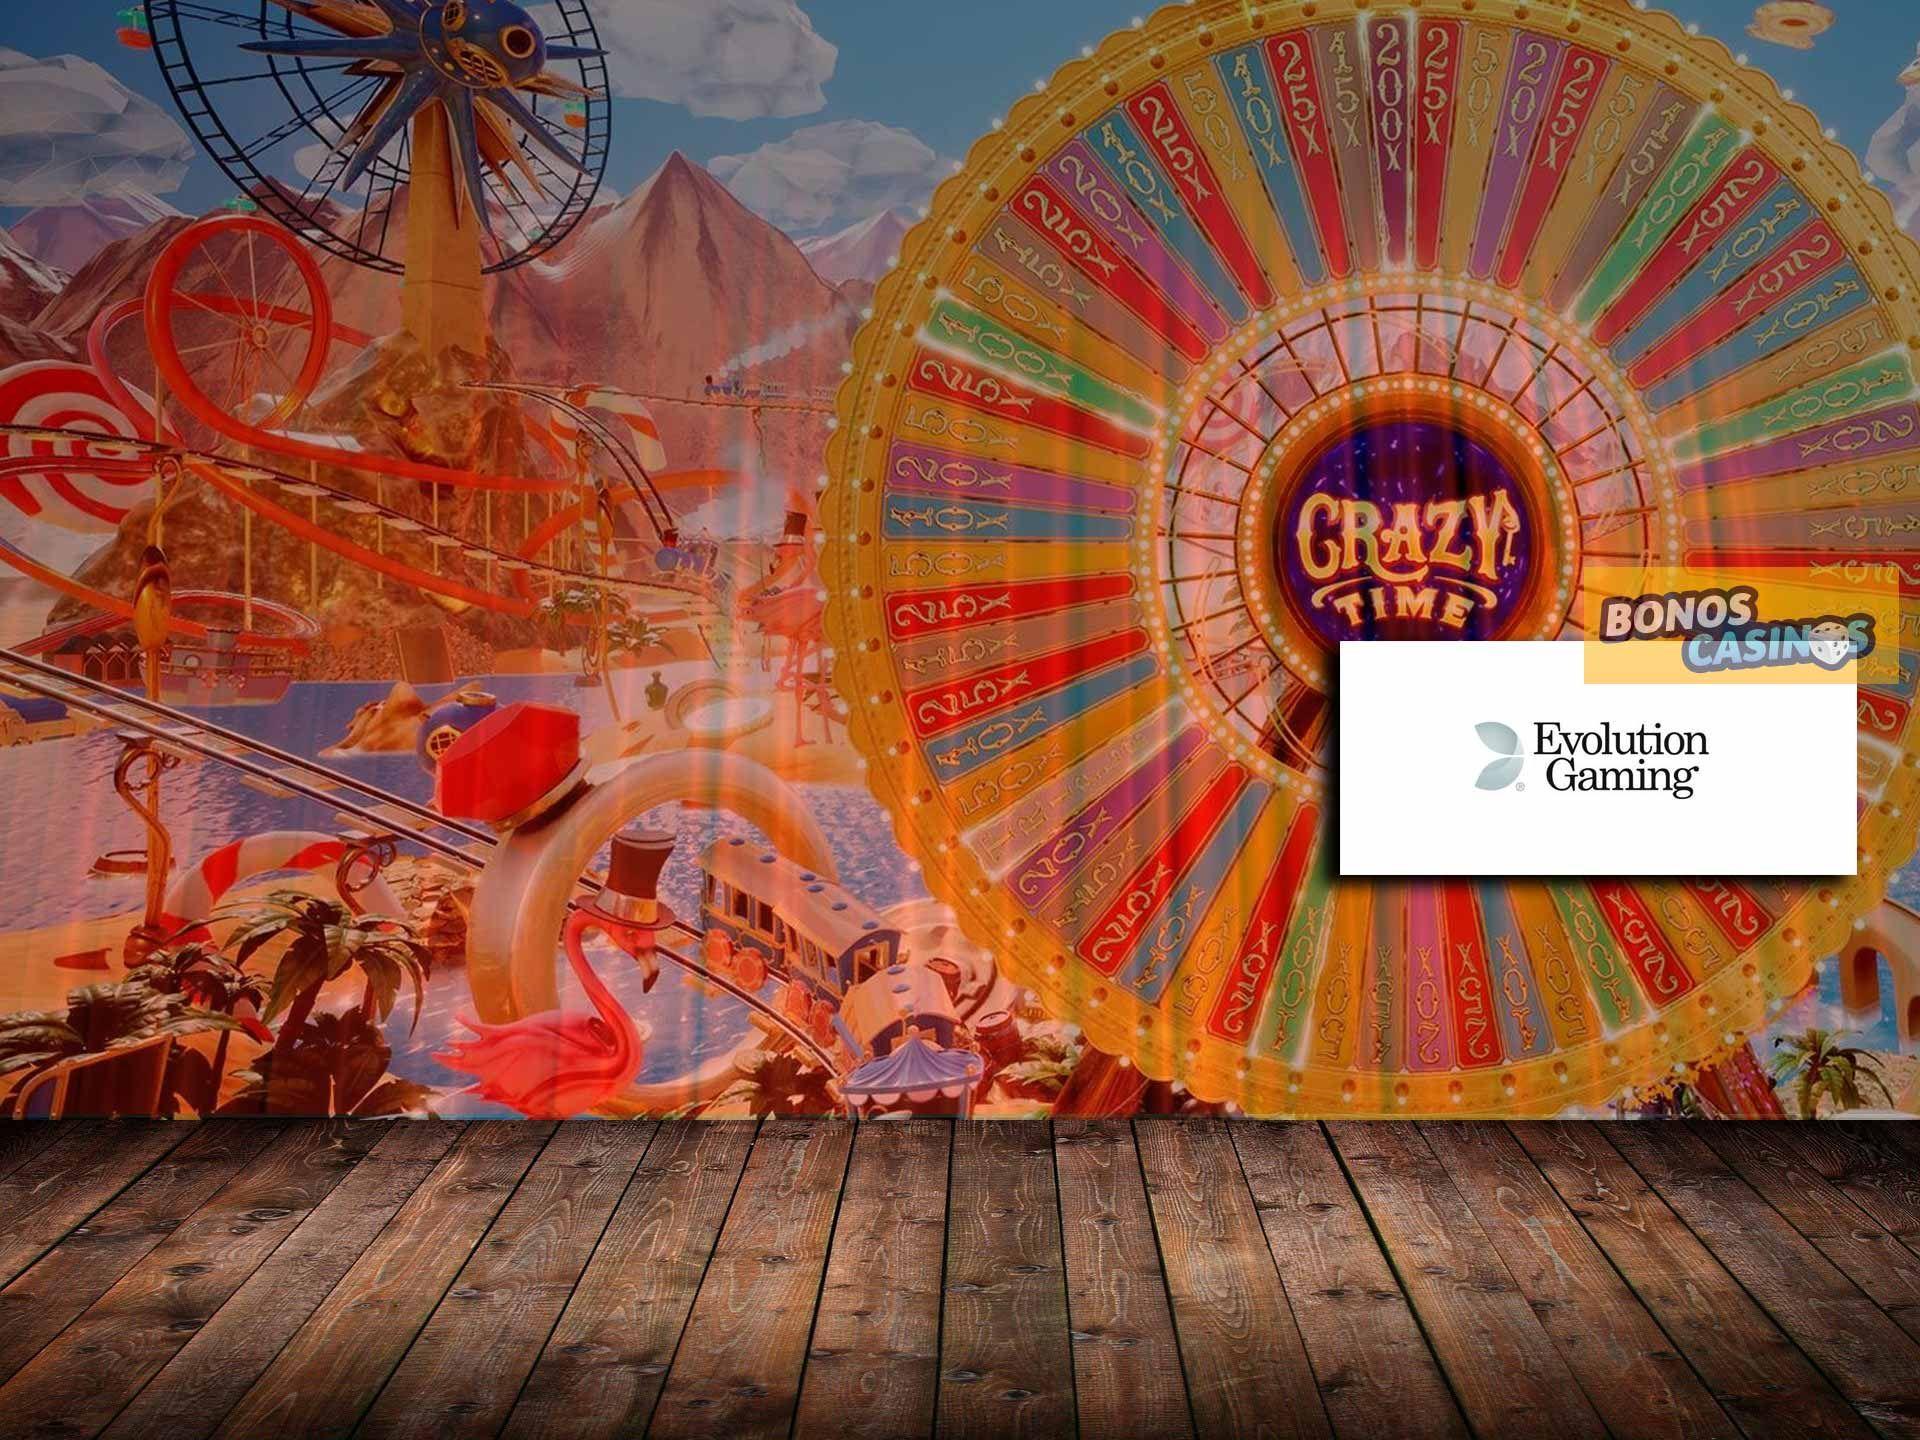 logo de Evolution Gaming hace público su nuevo lanzamiento, Crazy Time